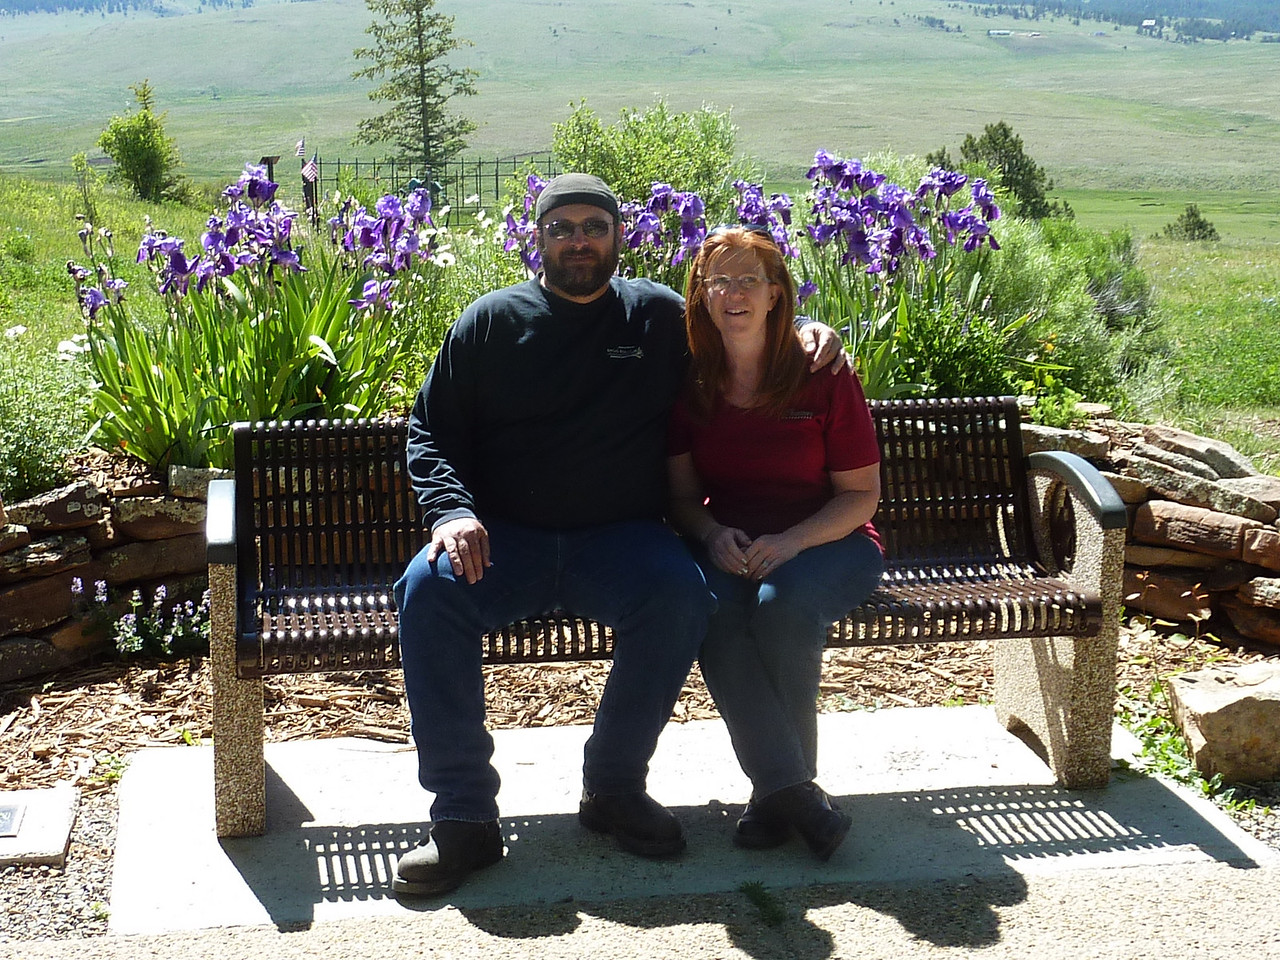 Mike & Kathi